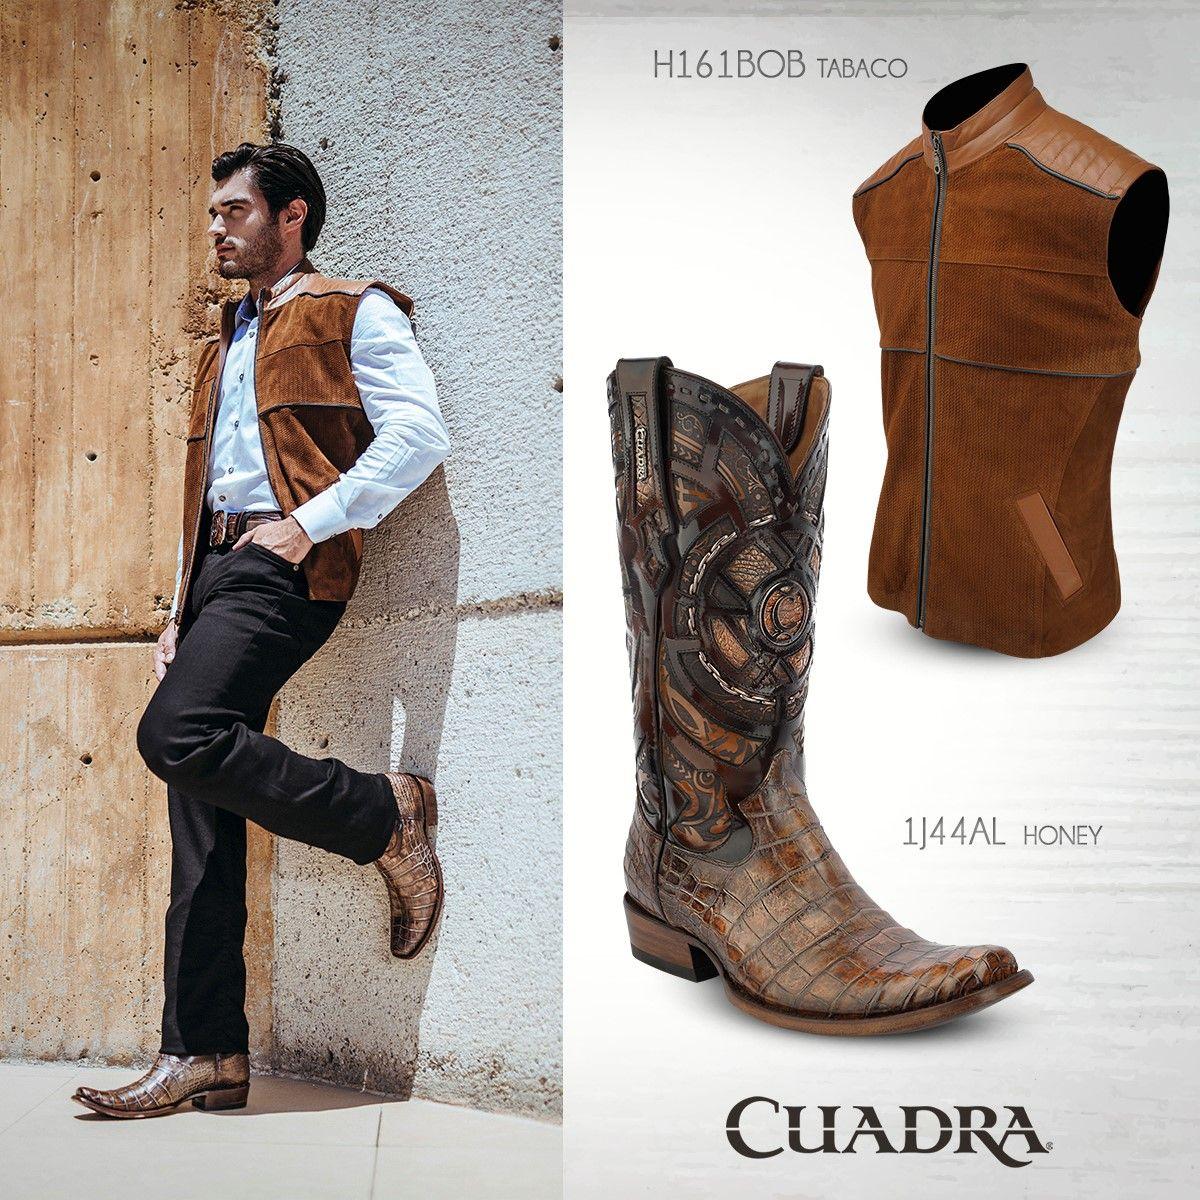 44405a7865 Perfección de pies a cabeza.  CUADRA  Boots  Botas  Chaleco  Leather ...